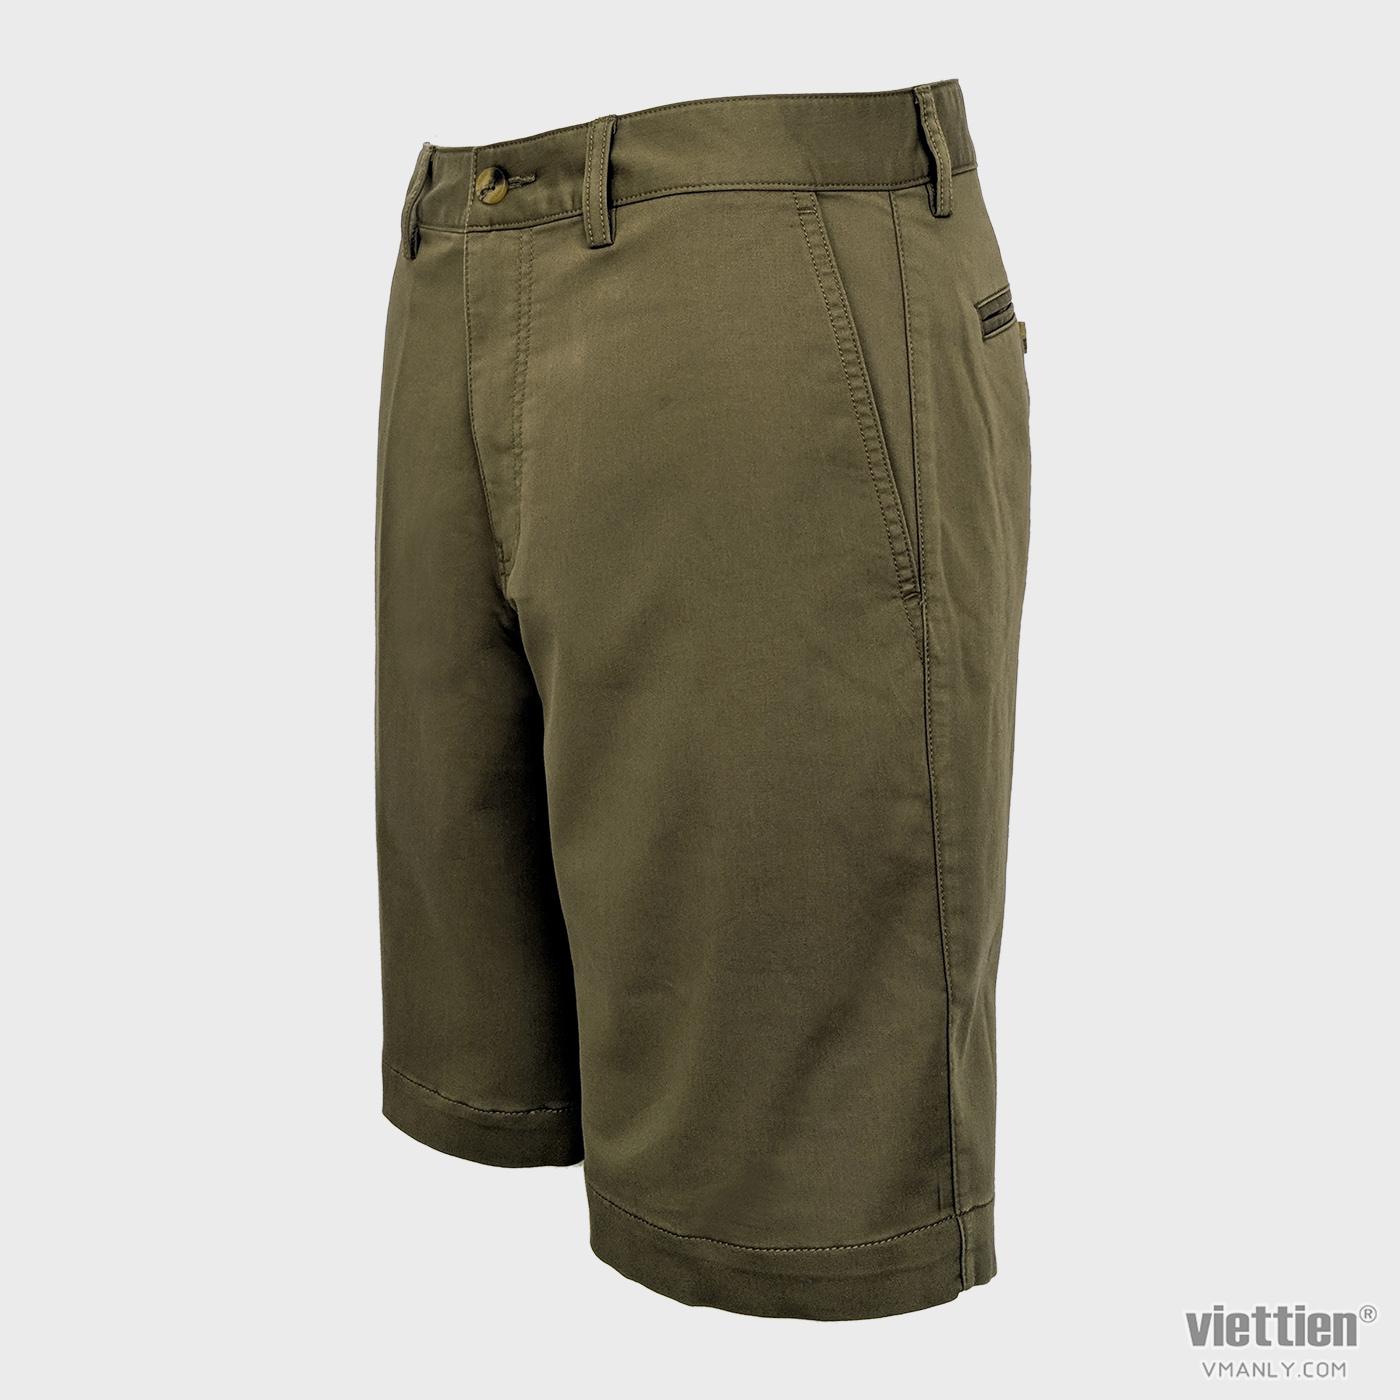 Quần short kaki nam Việt Tiến màu vàng nhạt 6N8032BT4/QSK